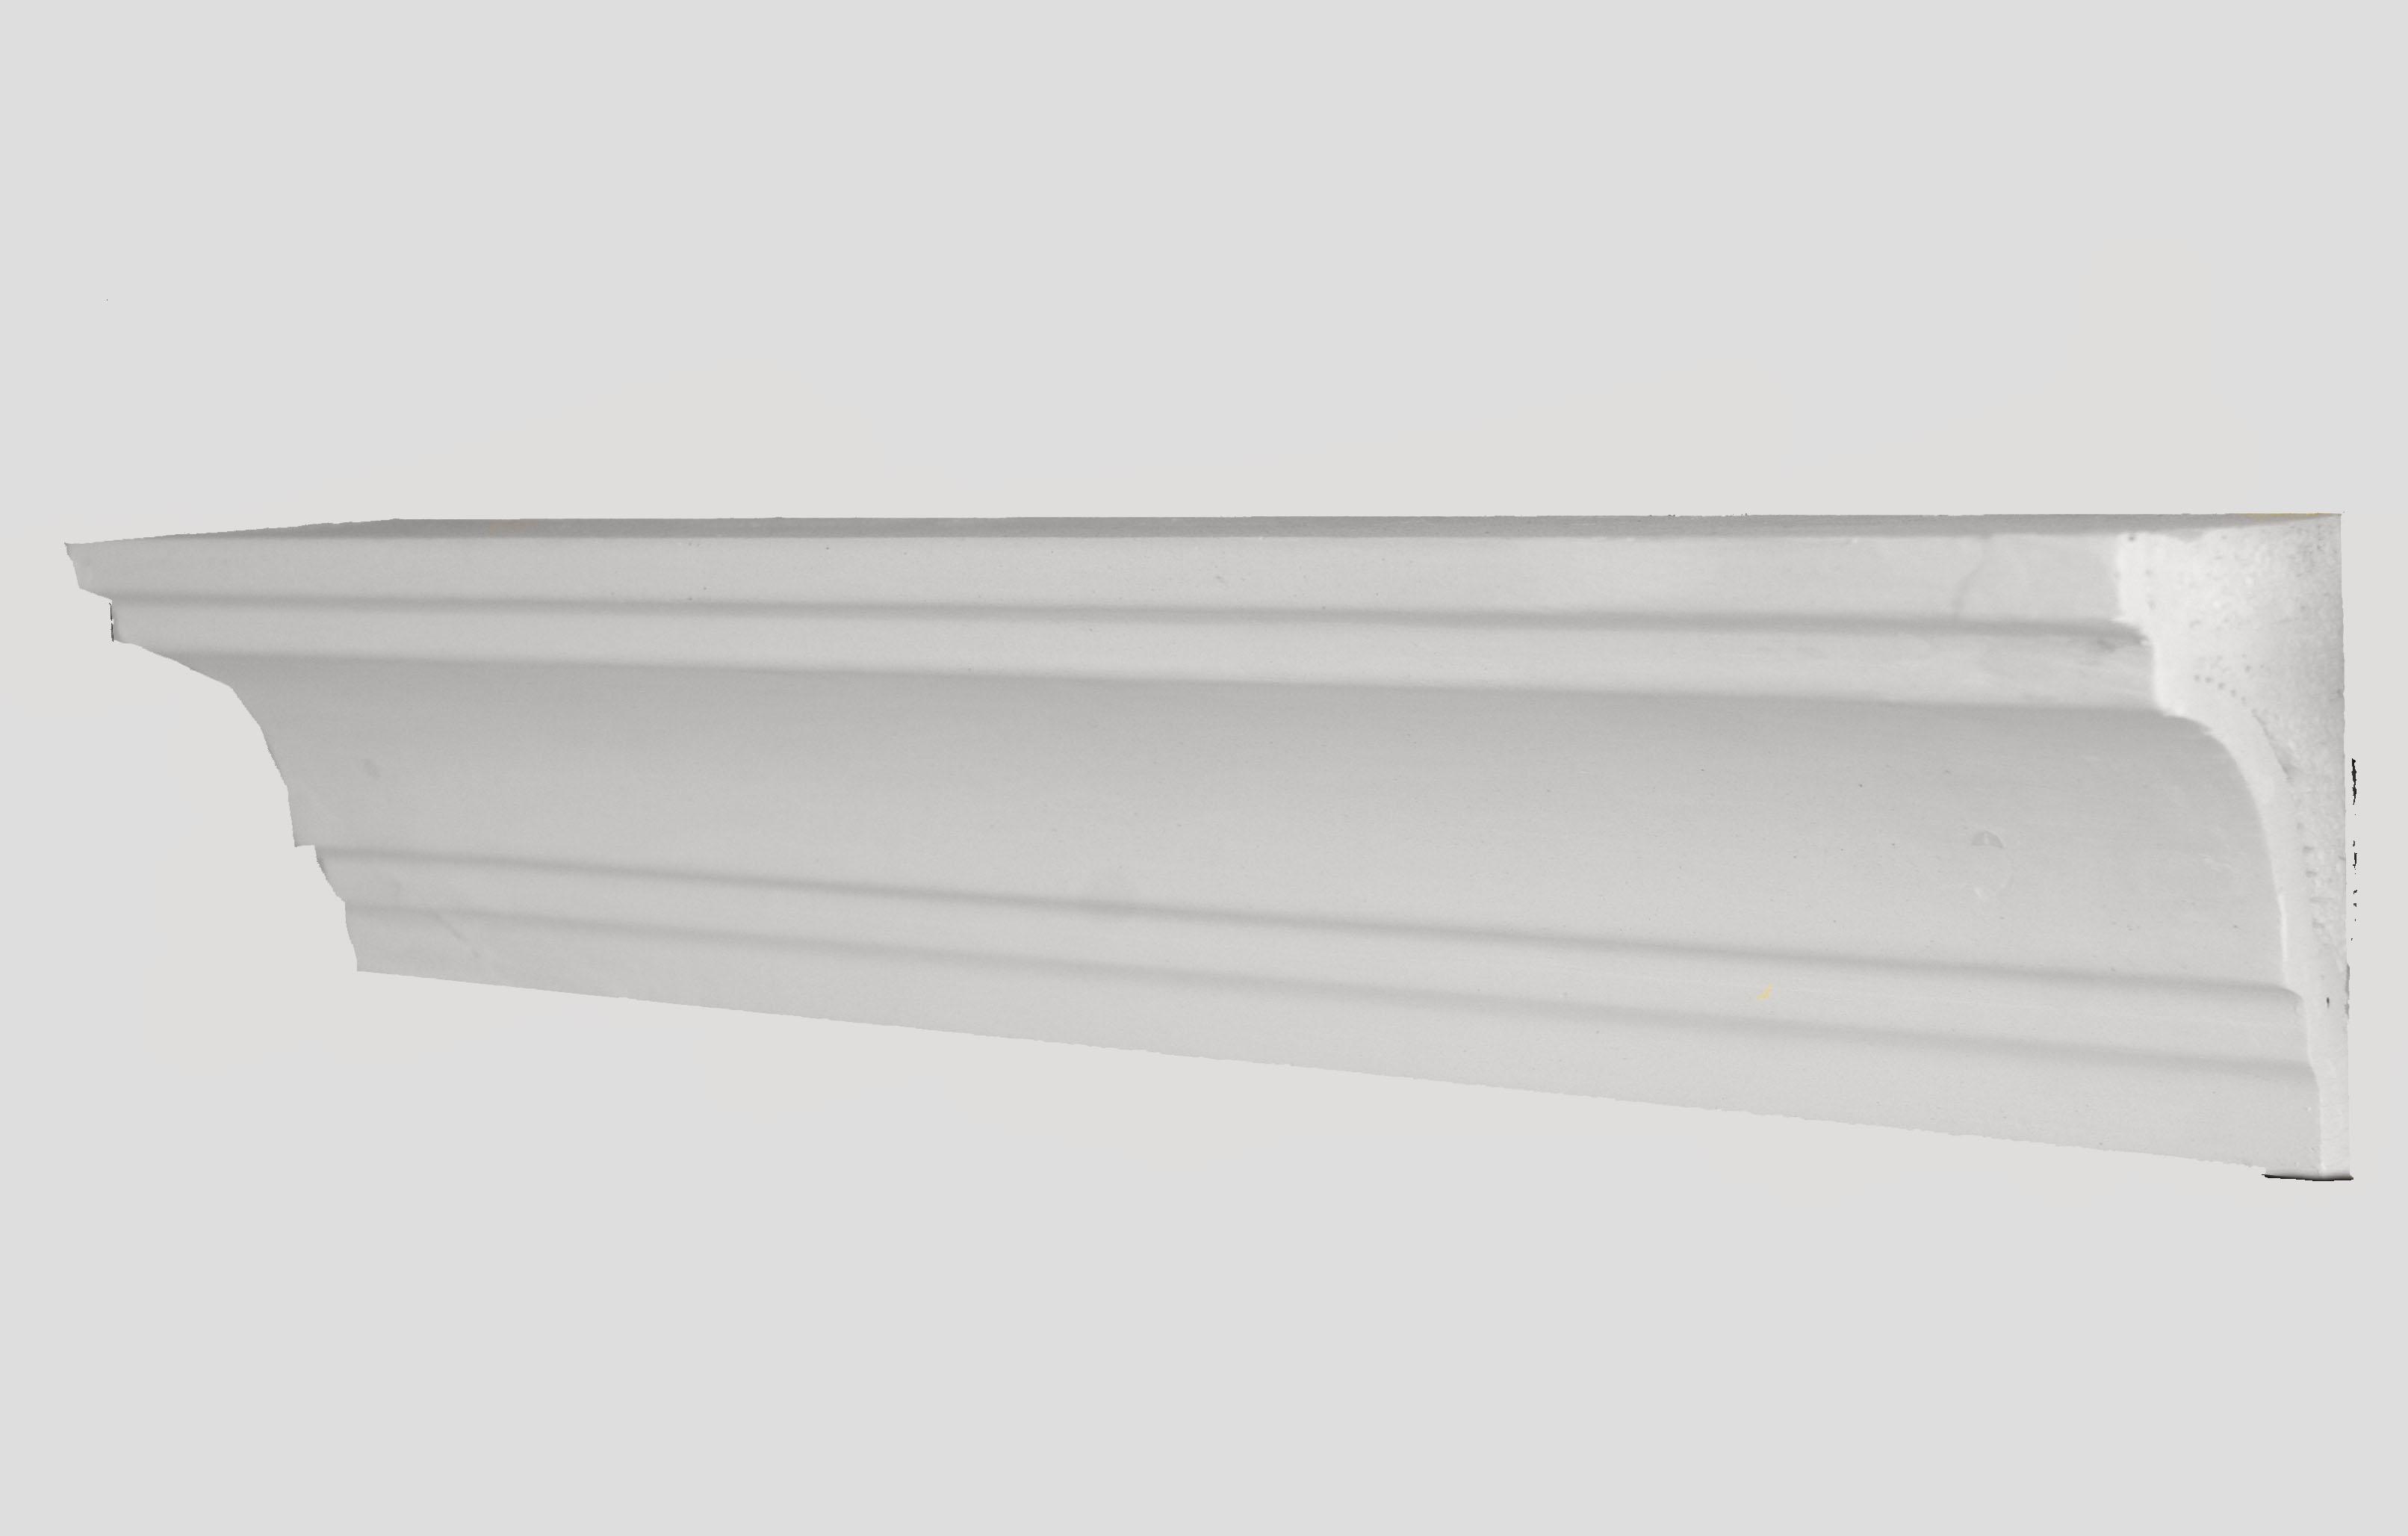 profil-3-207-8_3x10cm